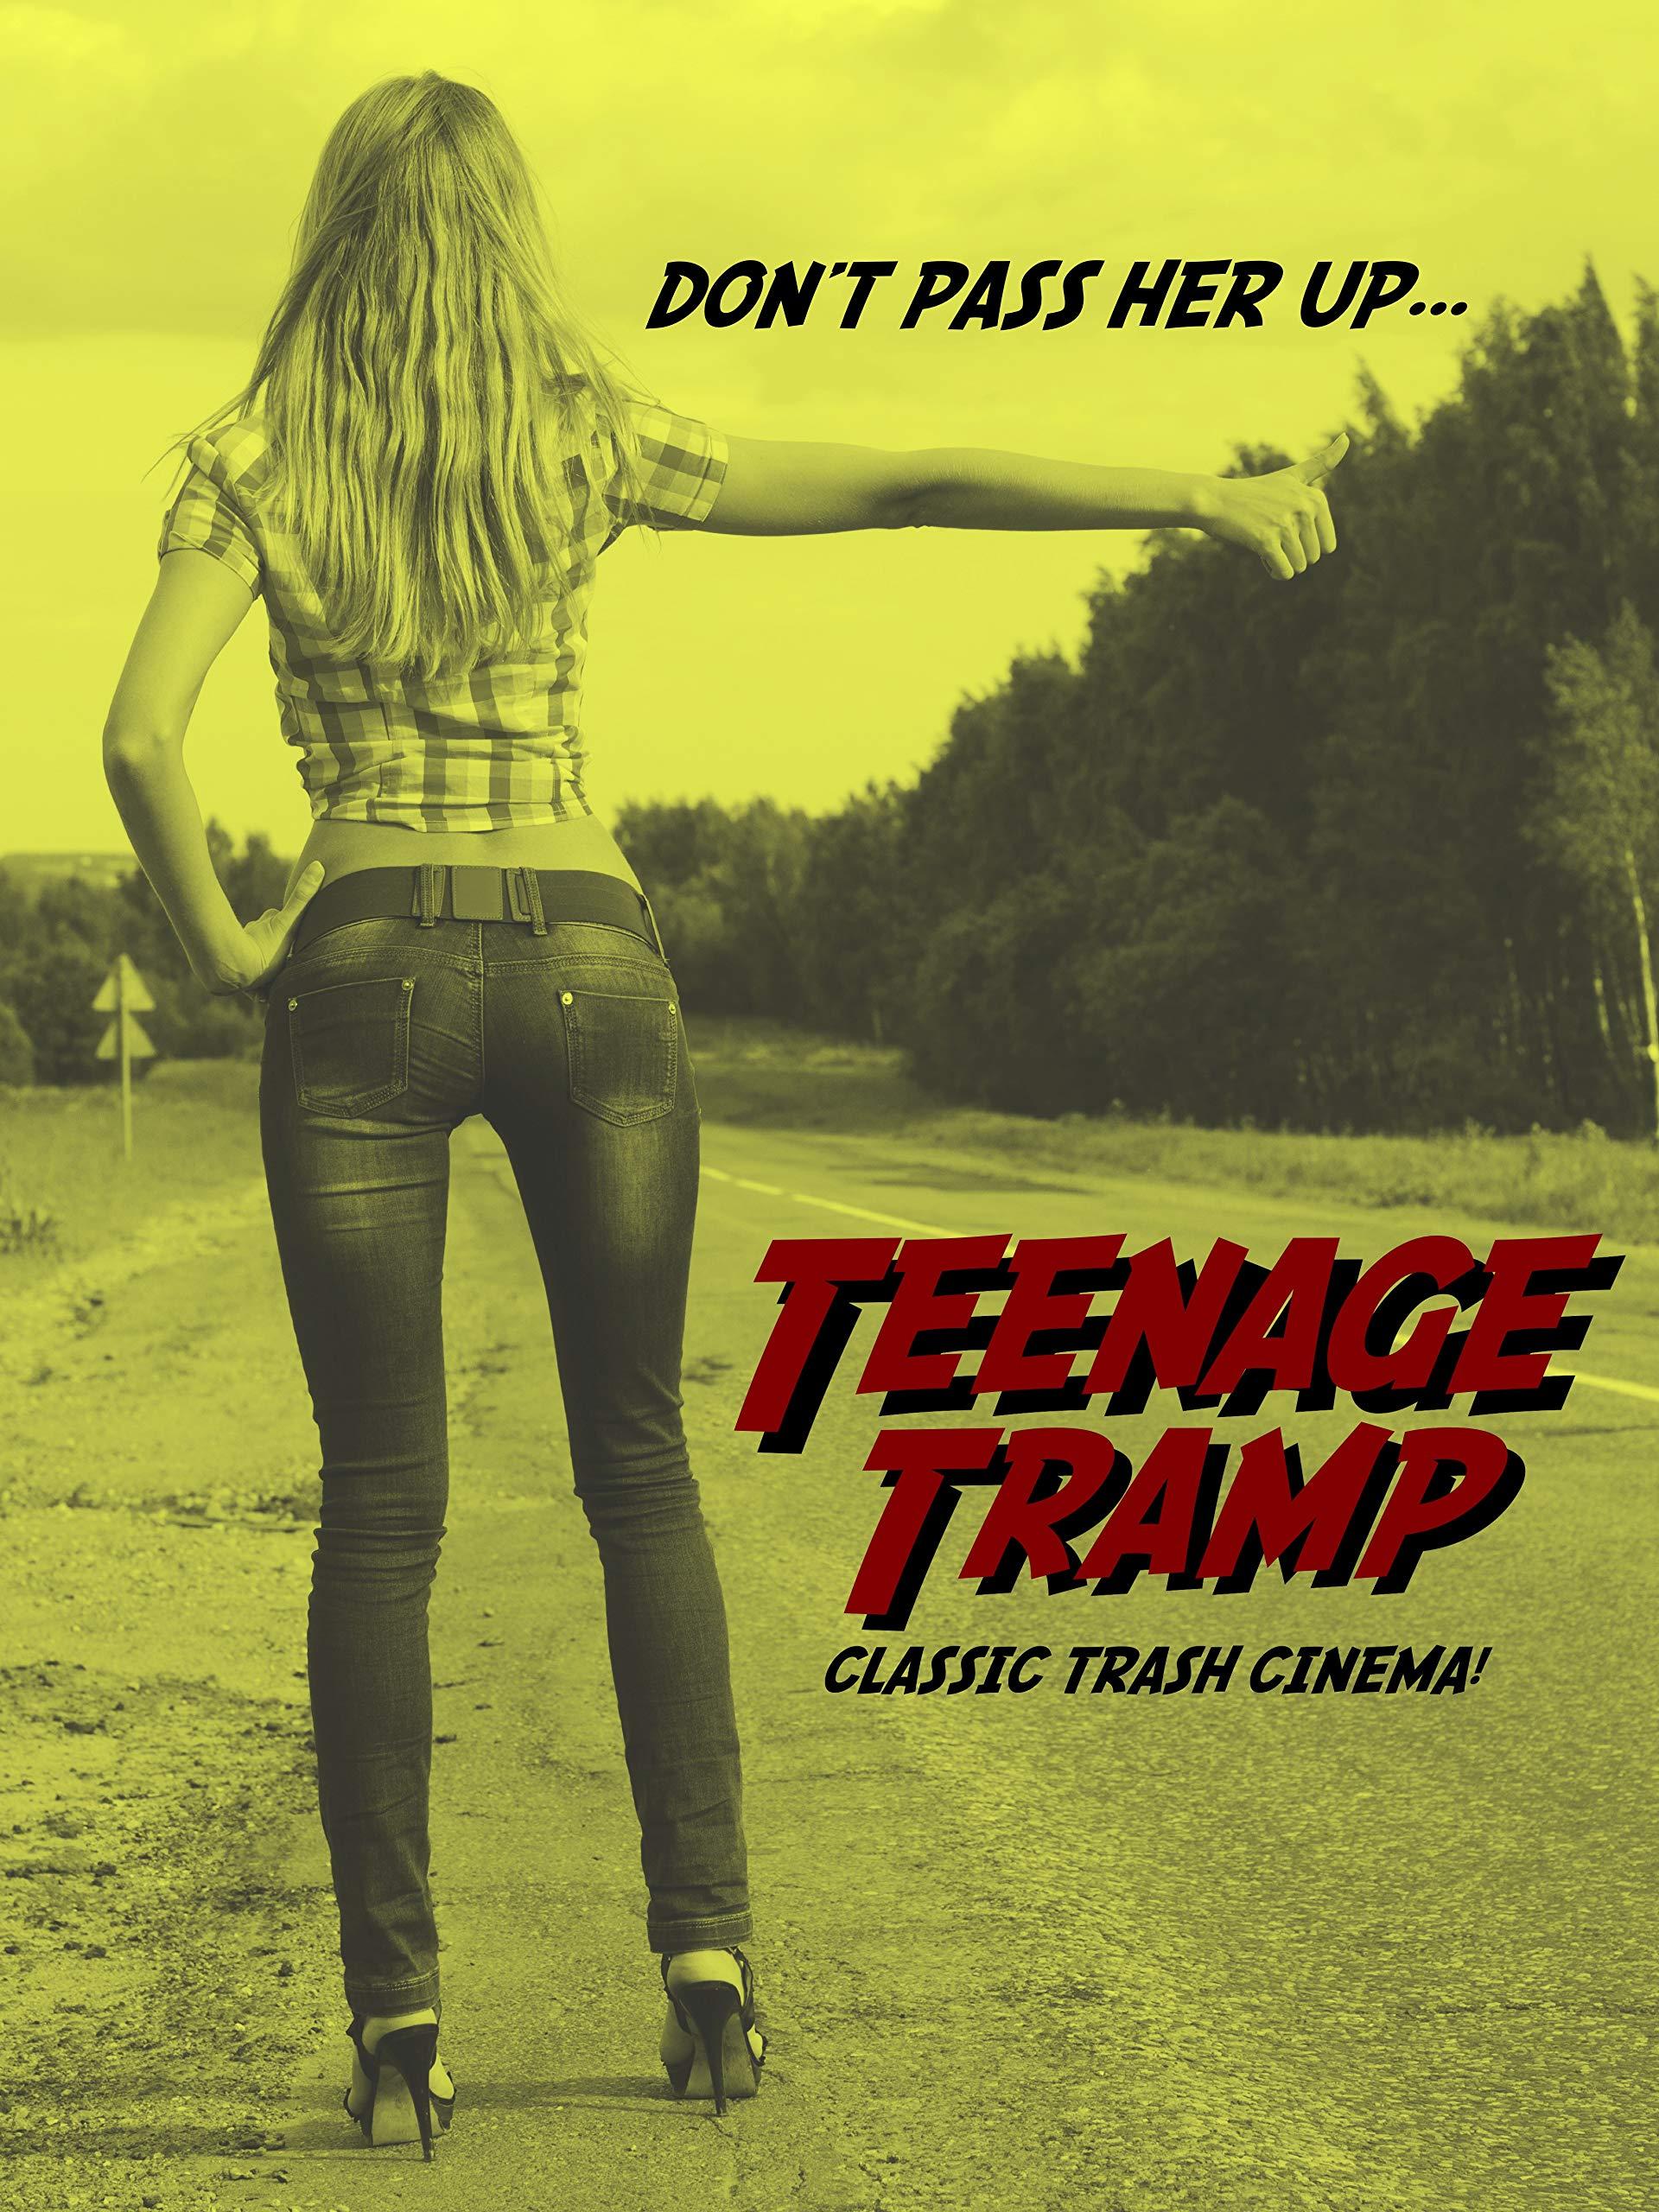 1973 Teenage Tramp Movie Poster